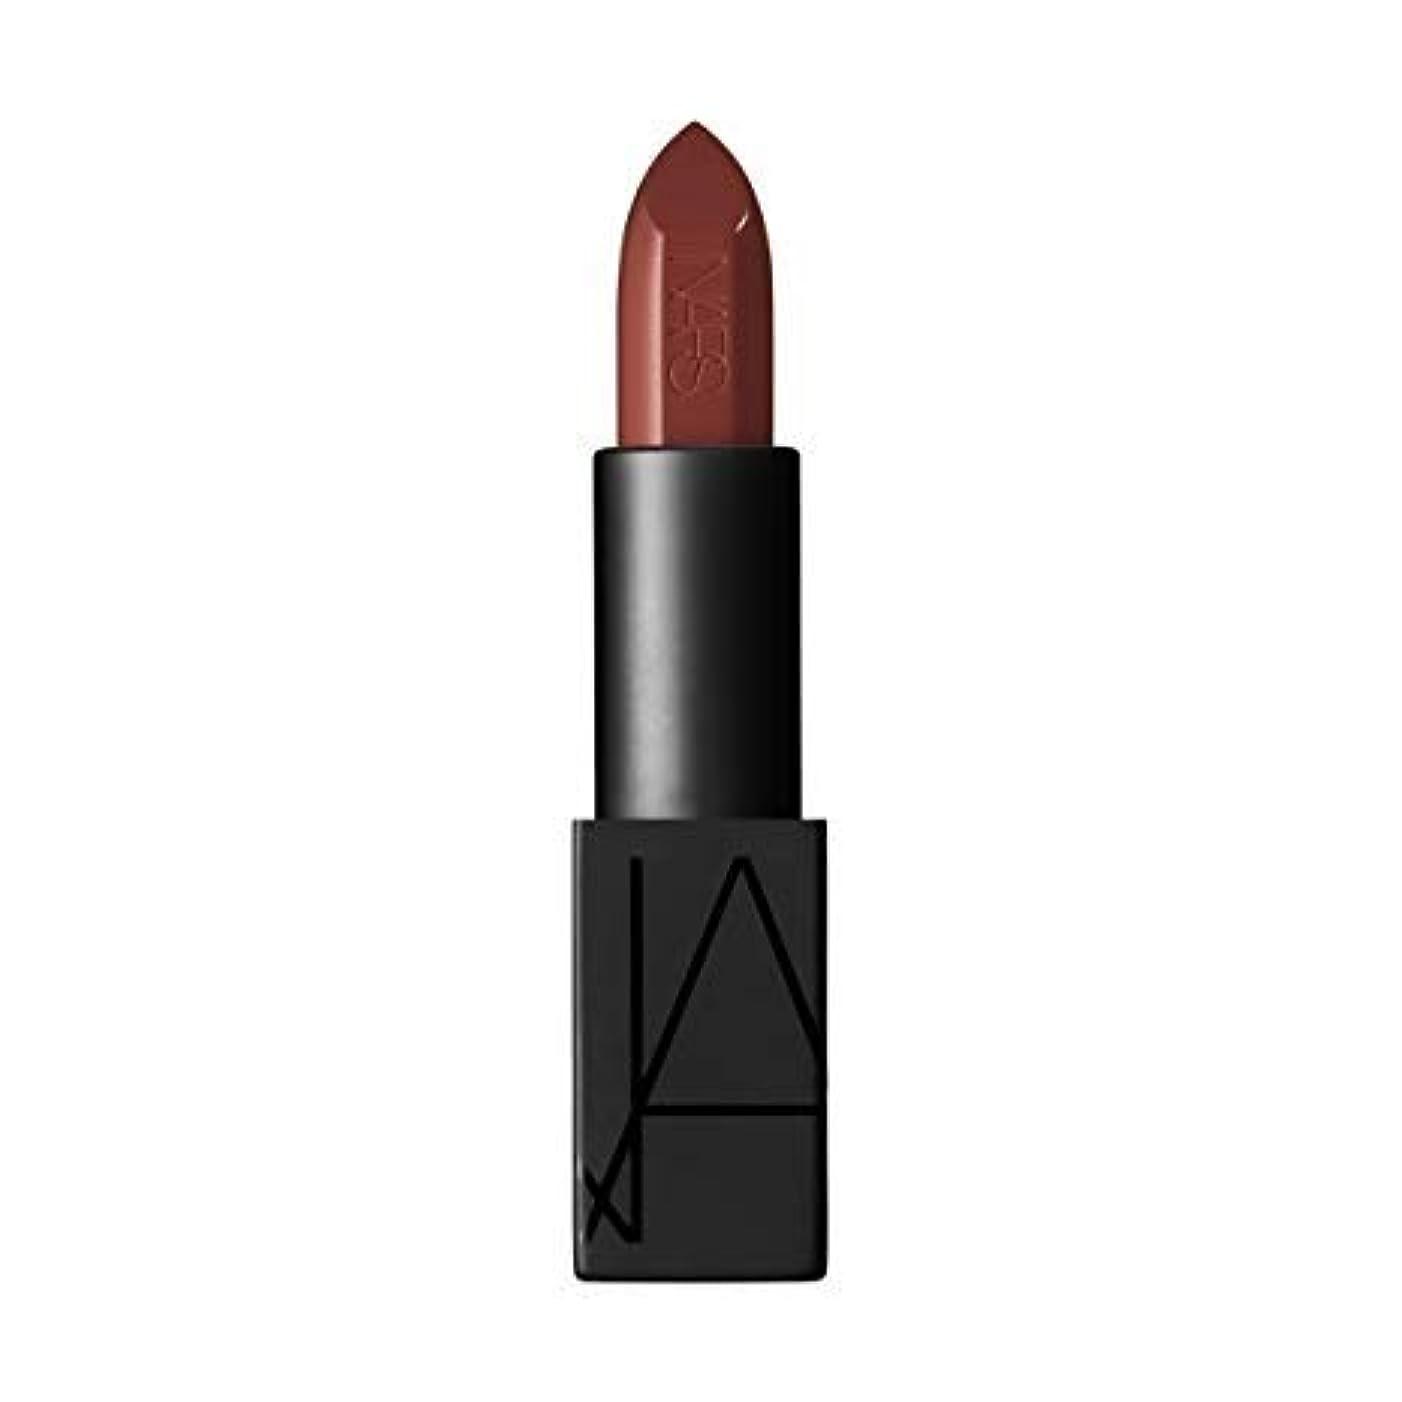 クラシックブランチと遊ぶNARS Audacious Lipstick - Mona